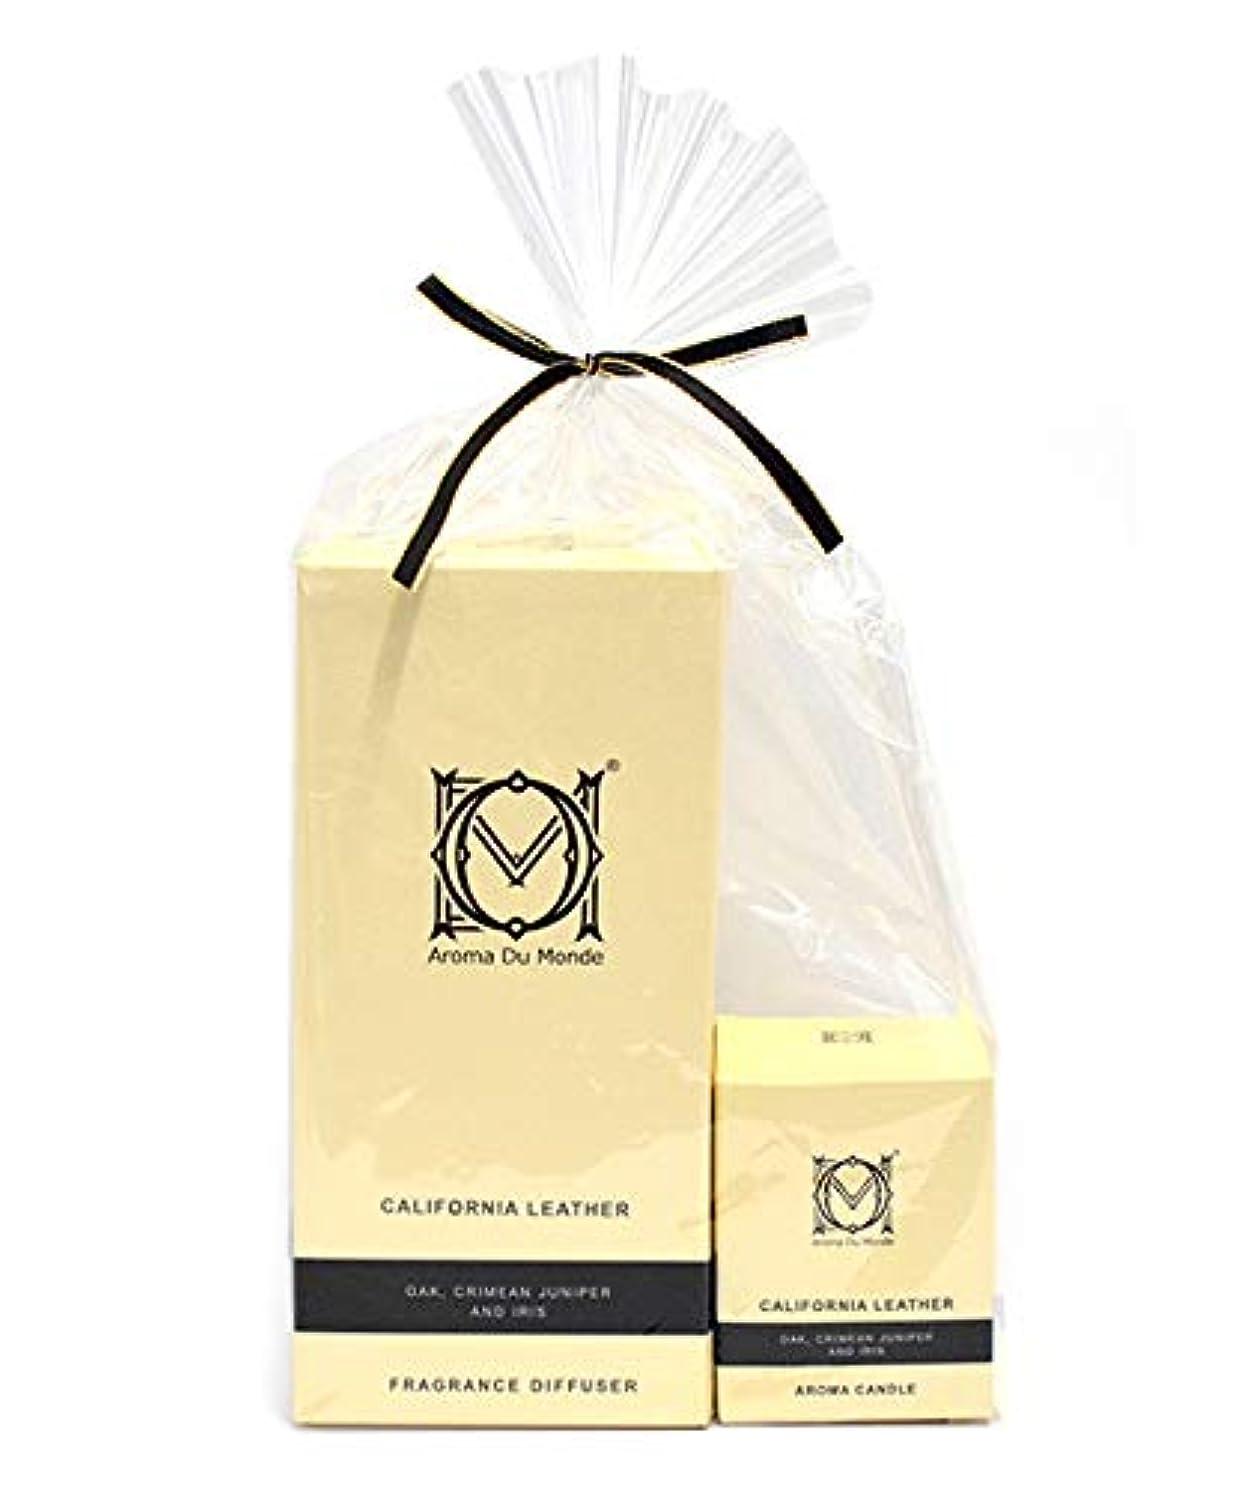 庭園タイトル掻くフレグランスディフューザー&キャンドル カリフォルニアレザー セット Aroma Du Monde/ADM Fragrance Diffuser & Candle California Leather Set 81159